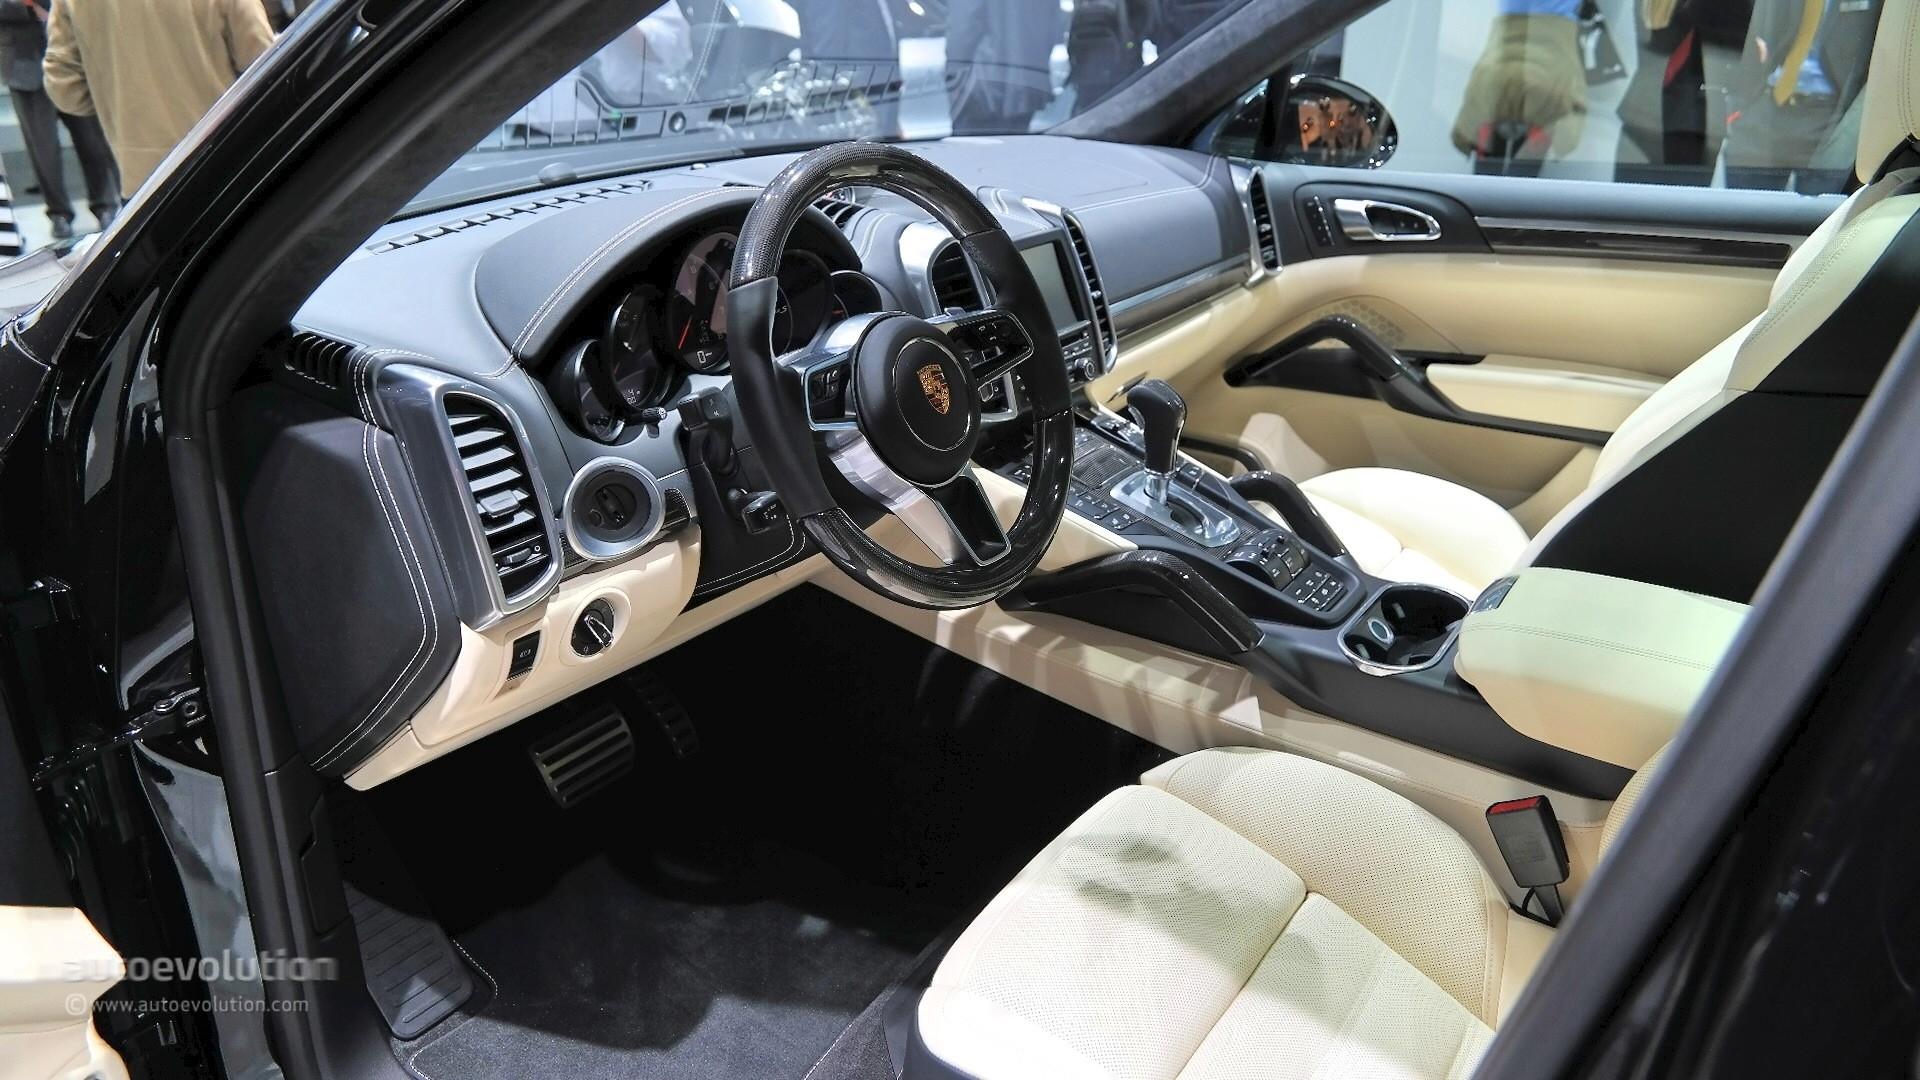 2015 porsche cayenne turbo s facelift surprise unveiling in detroit live photos autoevolution 2016 porsche cayenne interior photos - 2016 Porsche Cayenne Interior